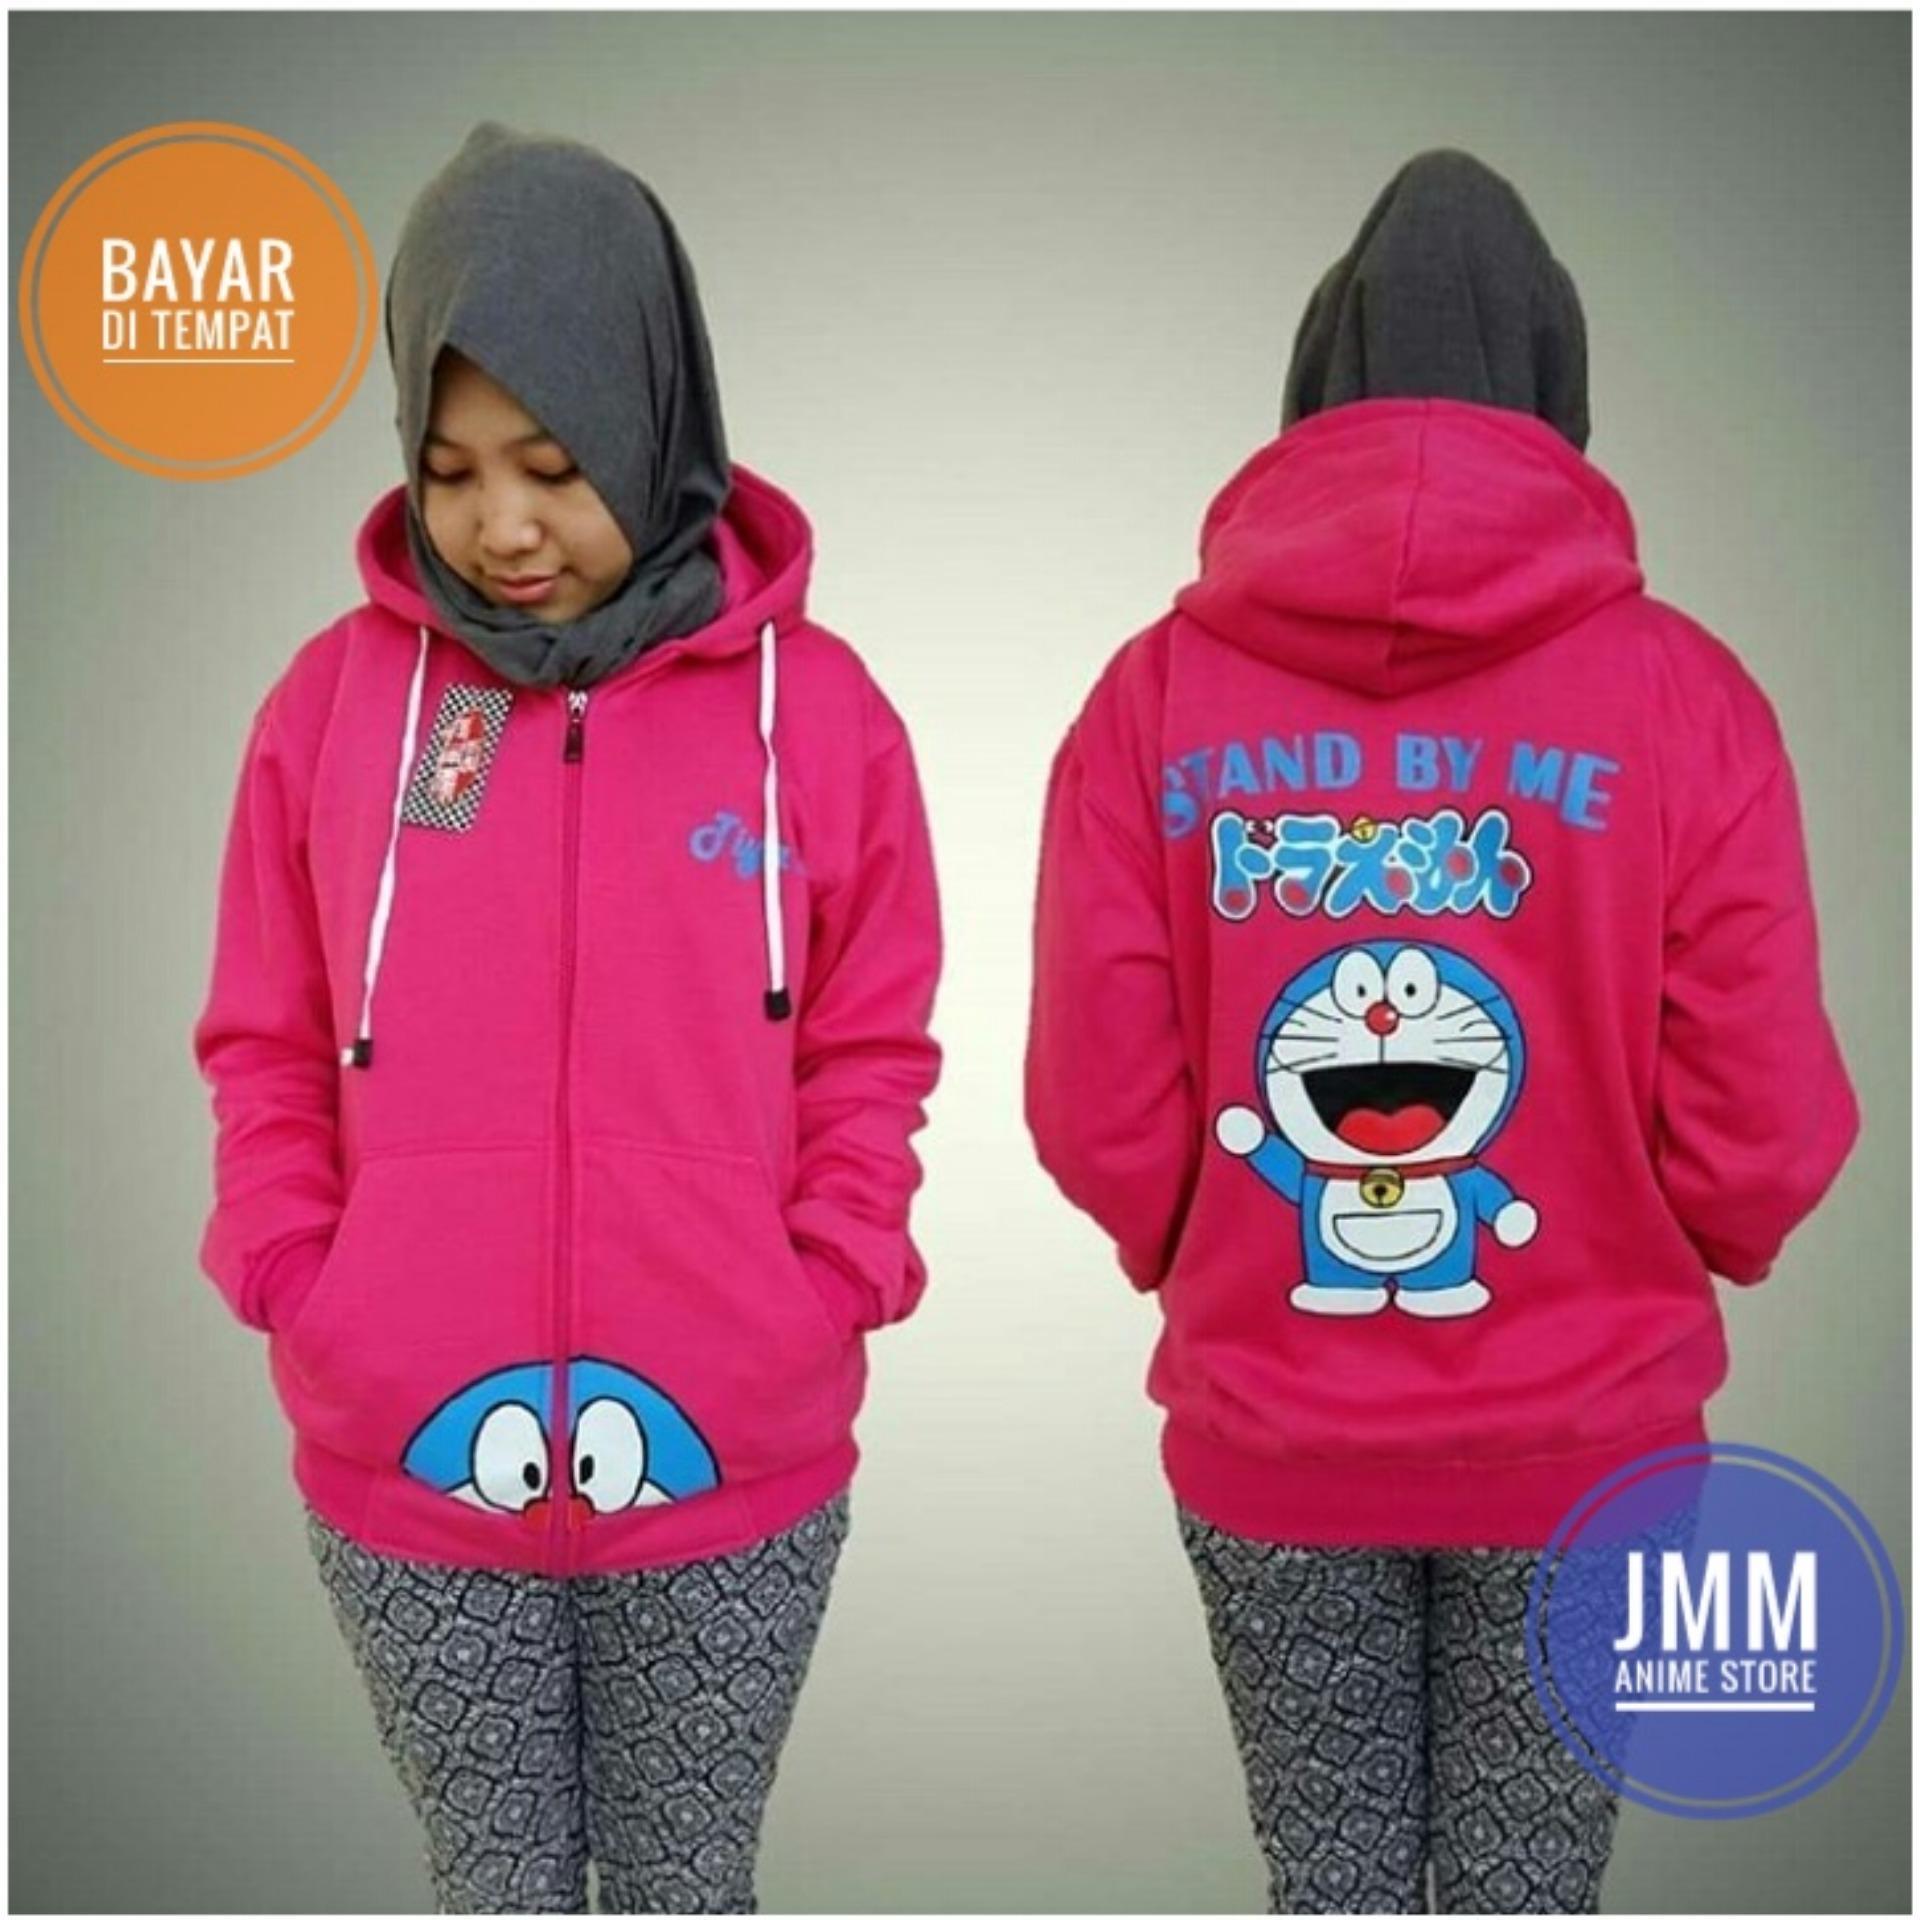 Dimana Beli Jaket Sweater Doraemon Pink Hoodie Zipper Jmm